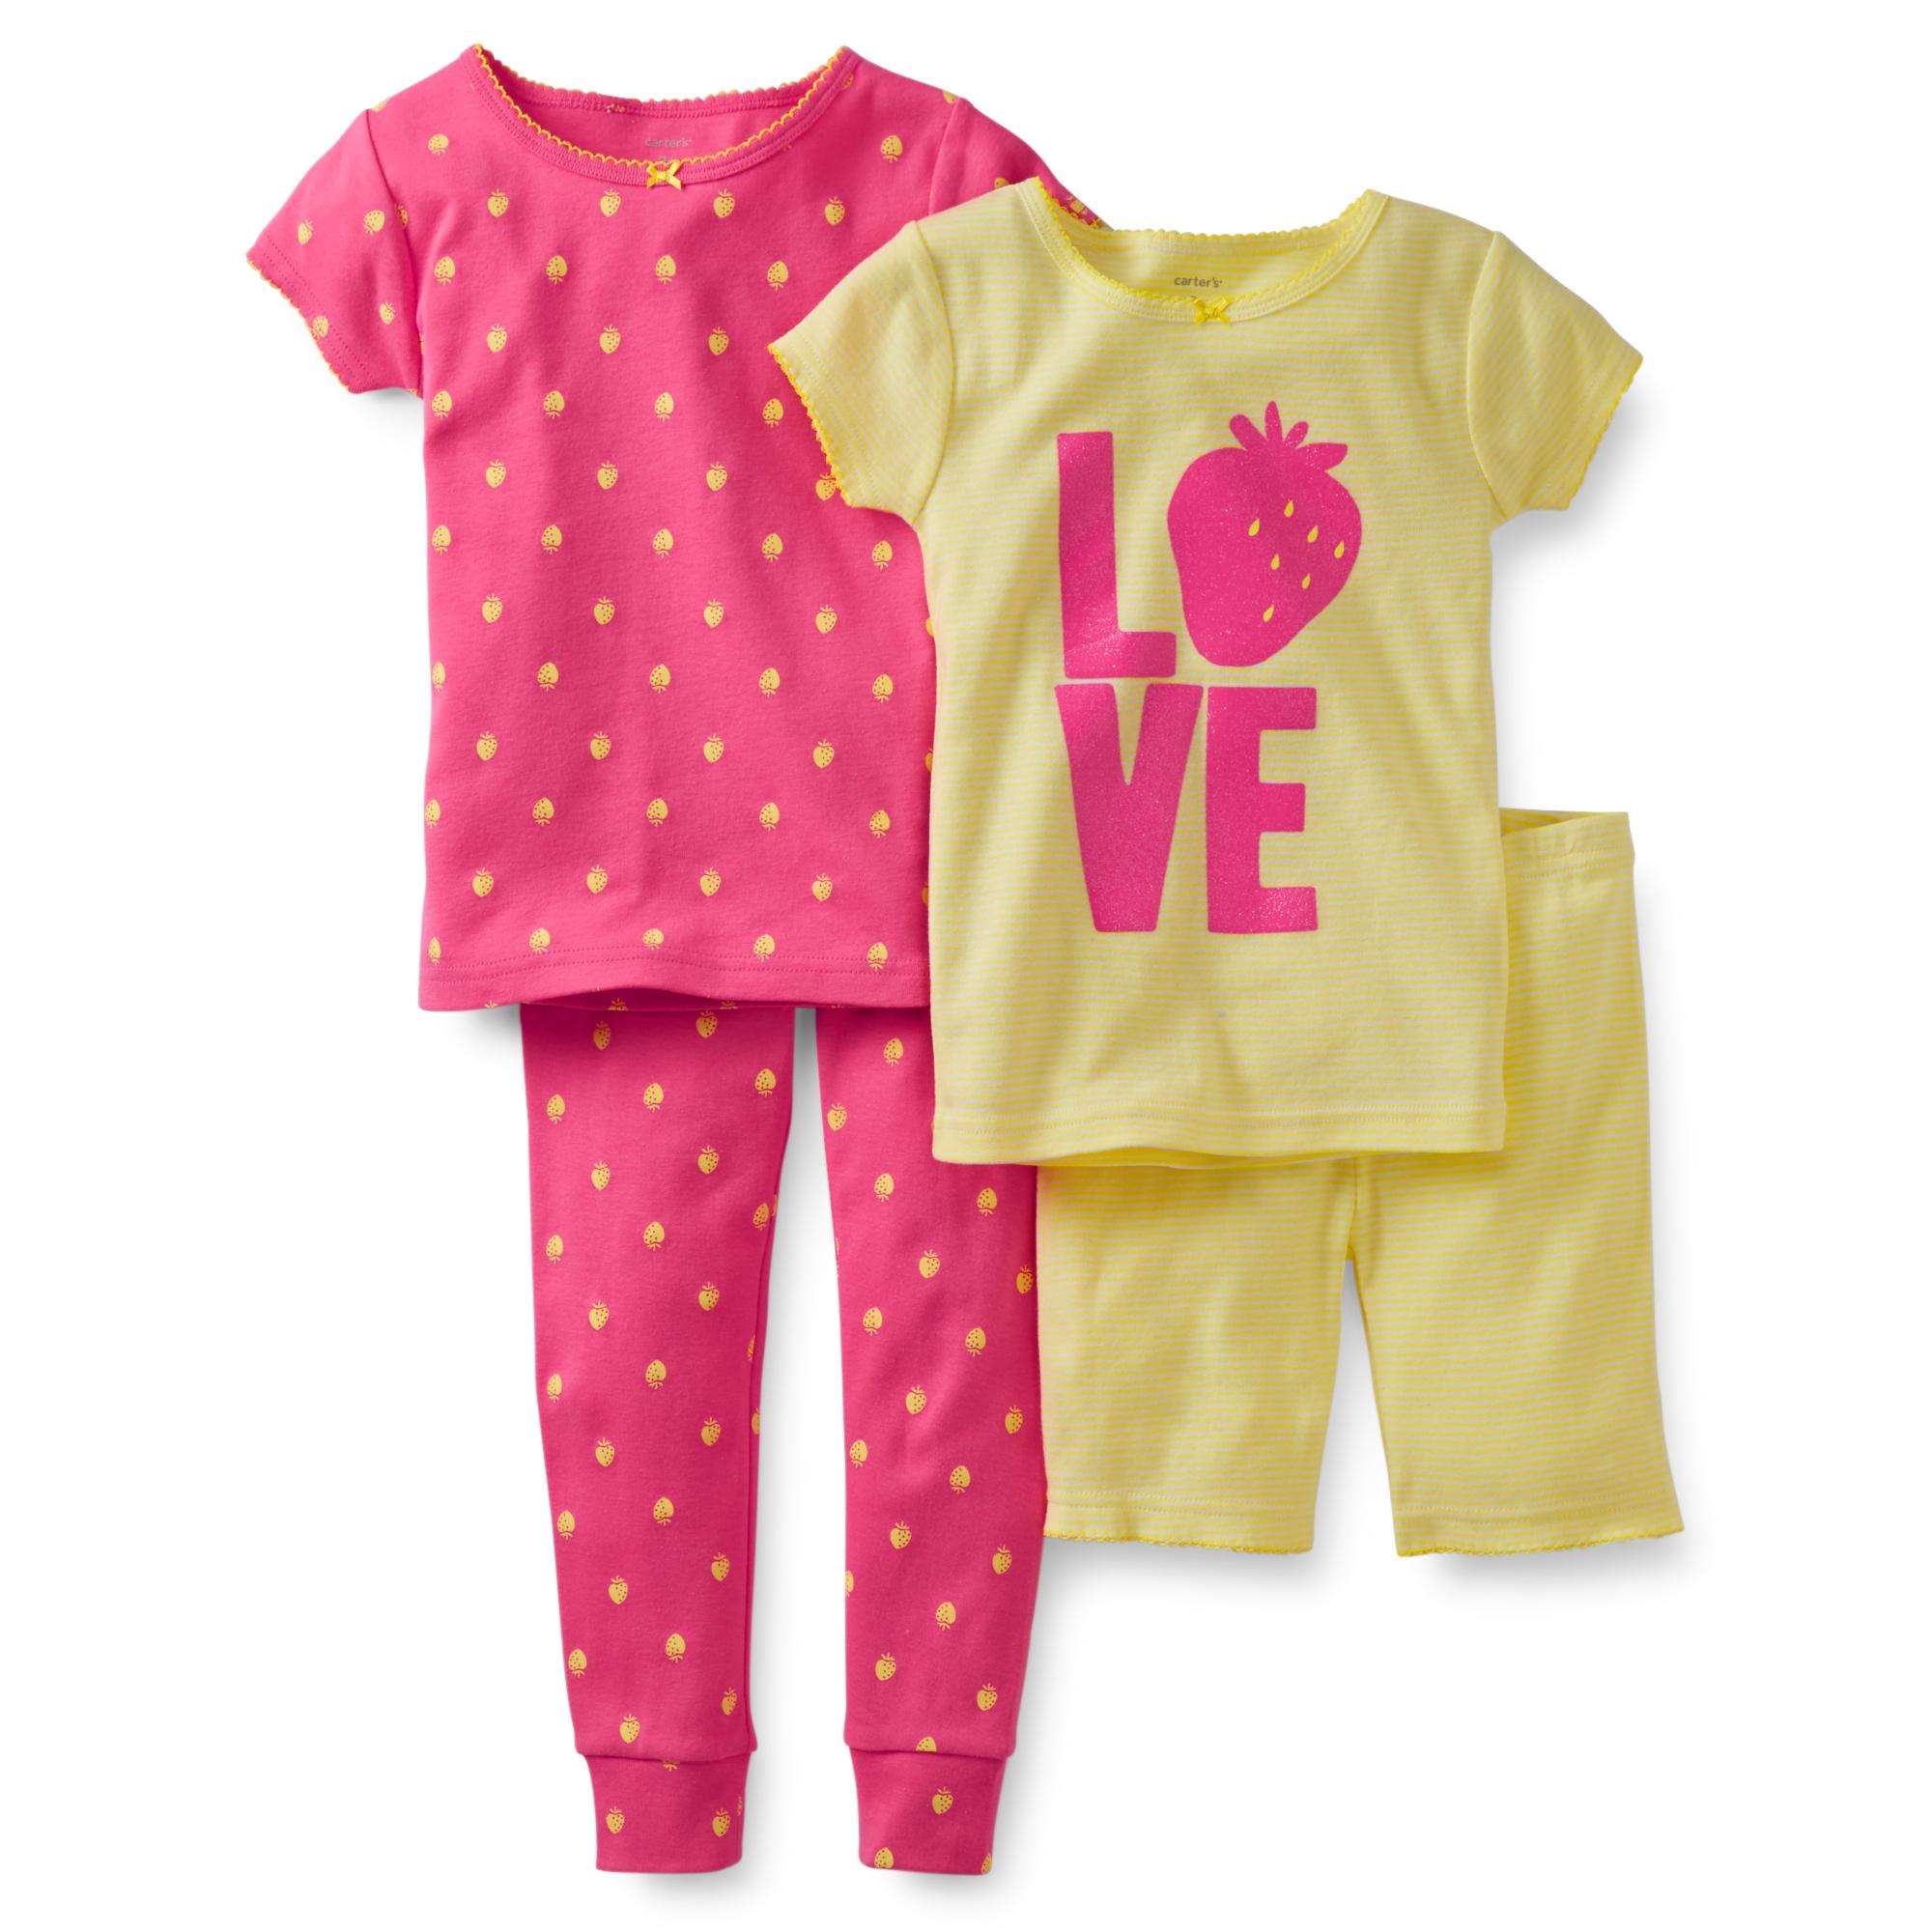 Комплект з 2-ох піжамок дитячий для дівчинки Carters (США) COTTO YELLOW  LOVE вік 3-5 років  95561055b367b